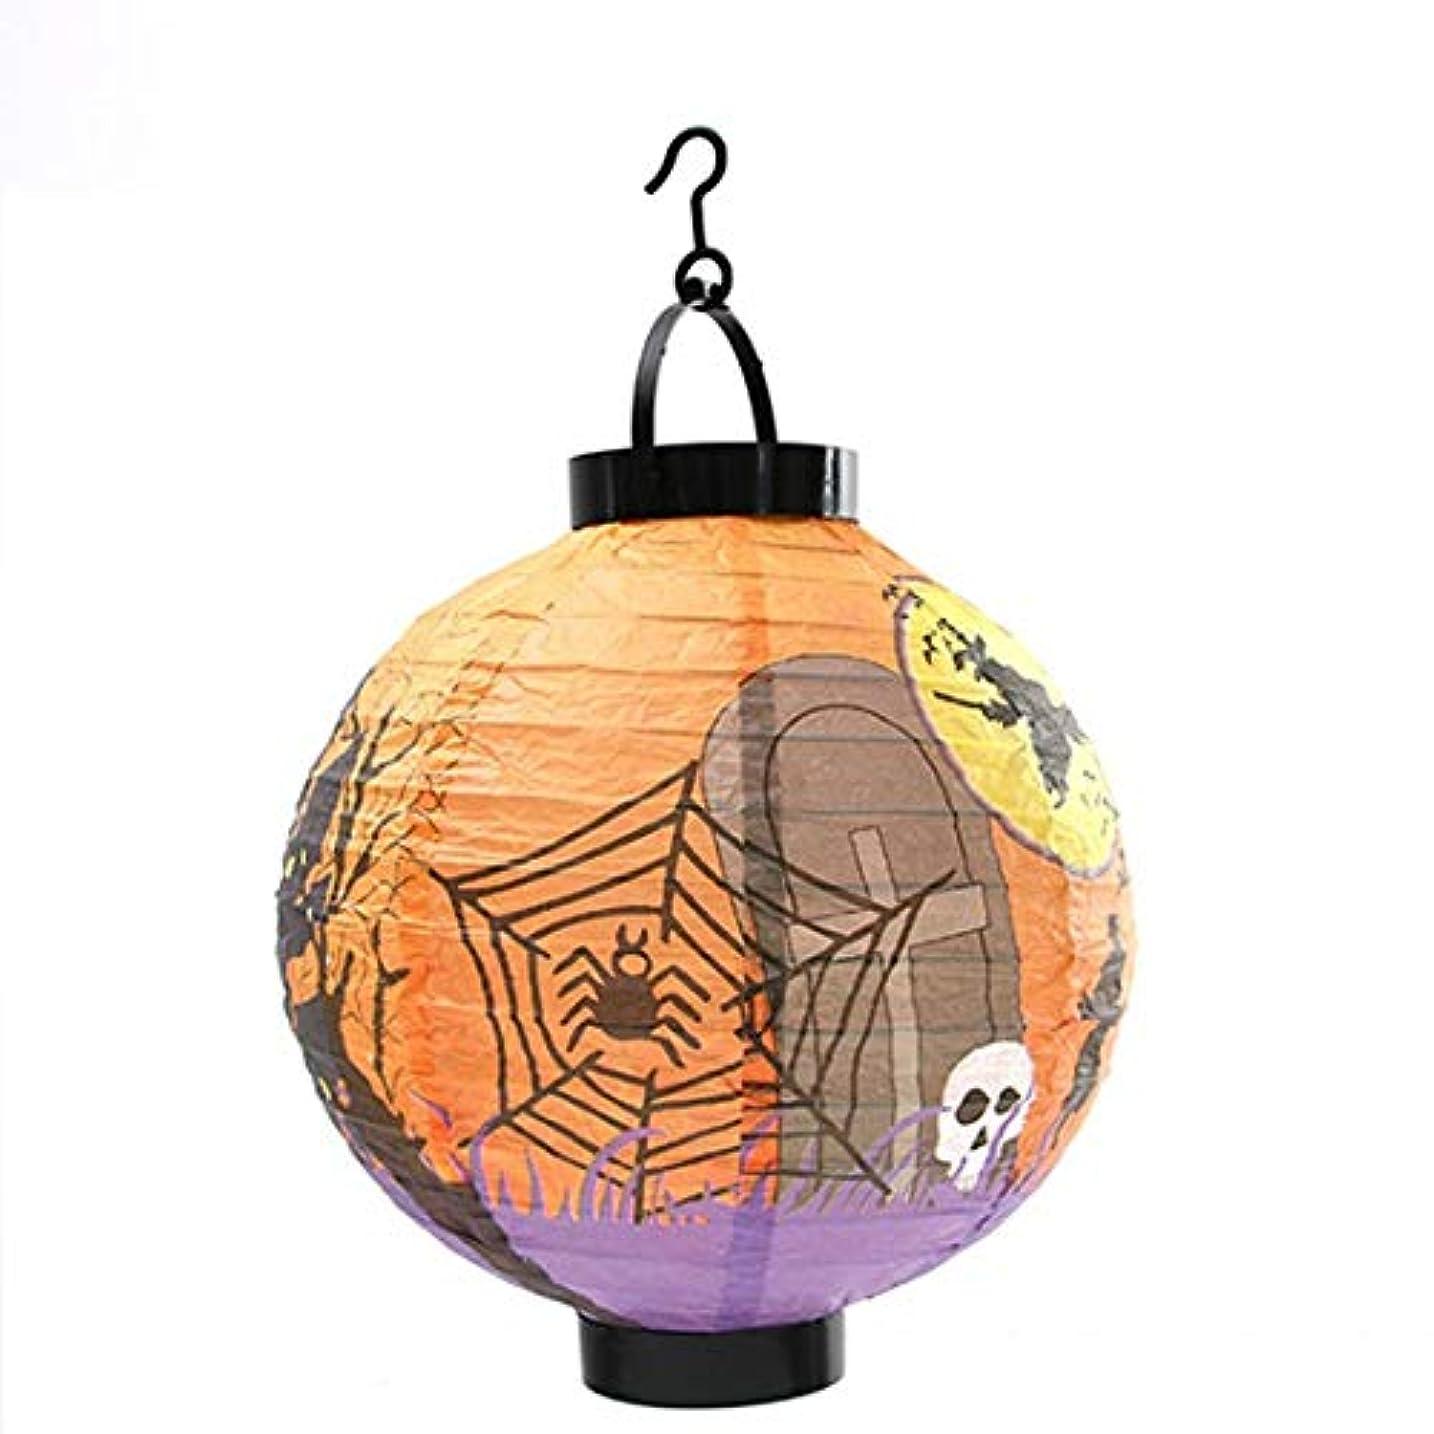 地図変成器絶えず1ピースティッシュペーパーランタンボールぶら下げゴースト小道具用キッズハロウィン装飾イベントパーティー用品